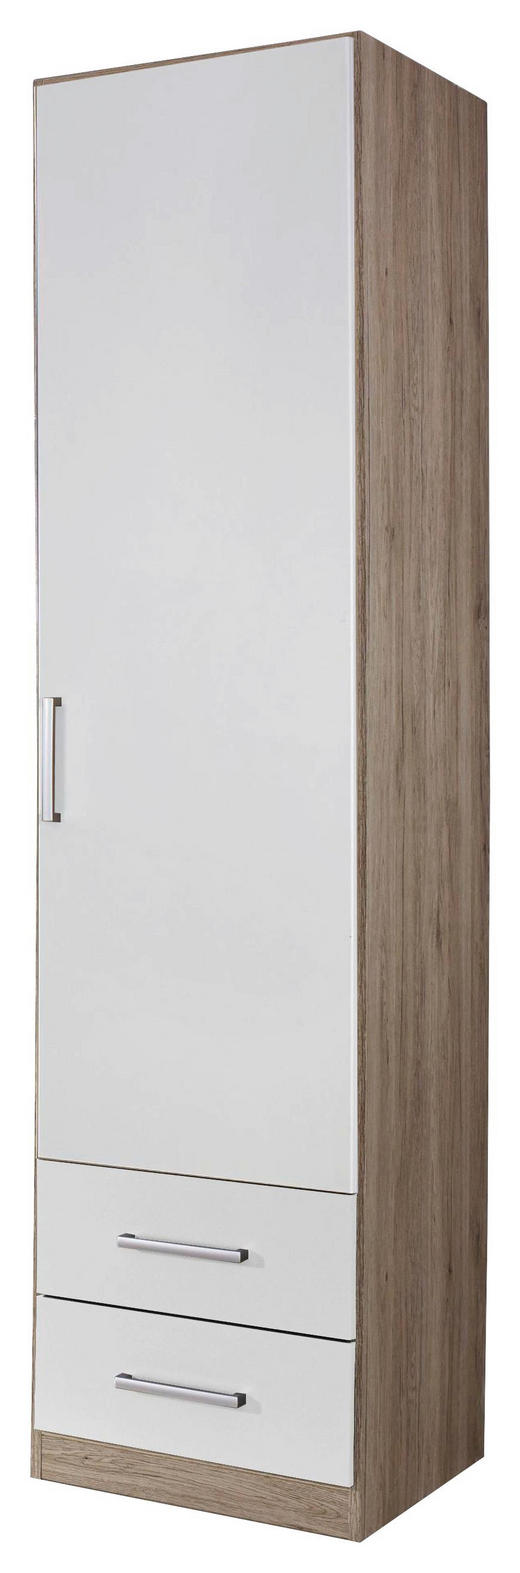 DREHTÜRENSCHRANK Eichefarben, Weiß - Eichefarben/Silberfarben, Design, Holzwerkstoff (47/197/54cm) - Carryhome